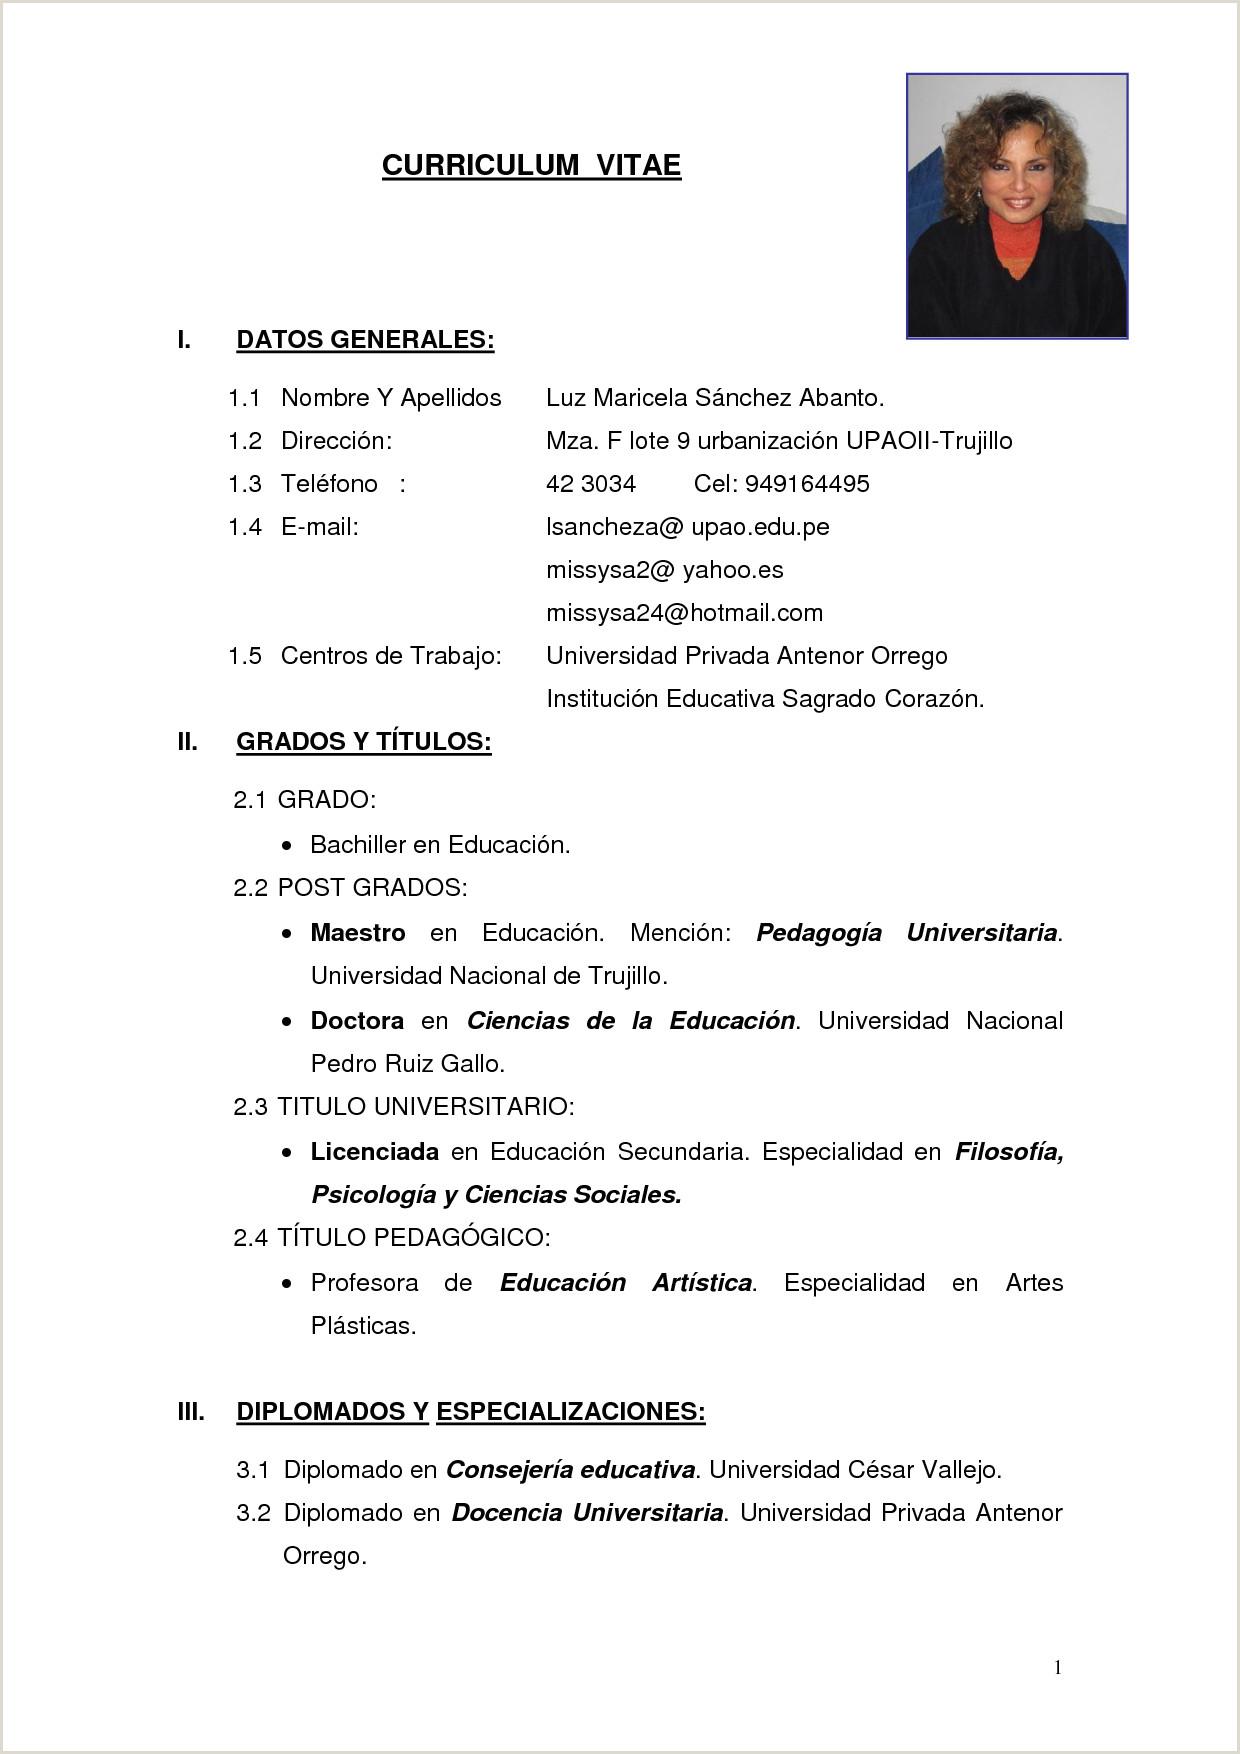 Formato De Curriculum Vitae Para Rellenar Sin Experiencia Resultado De Imagen Para Curriculum Simple Fg